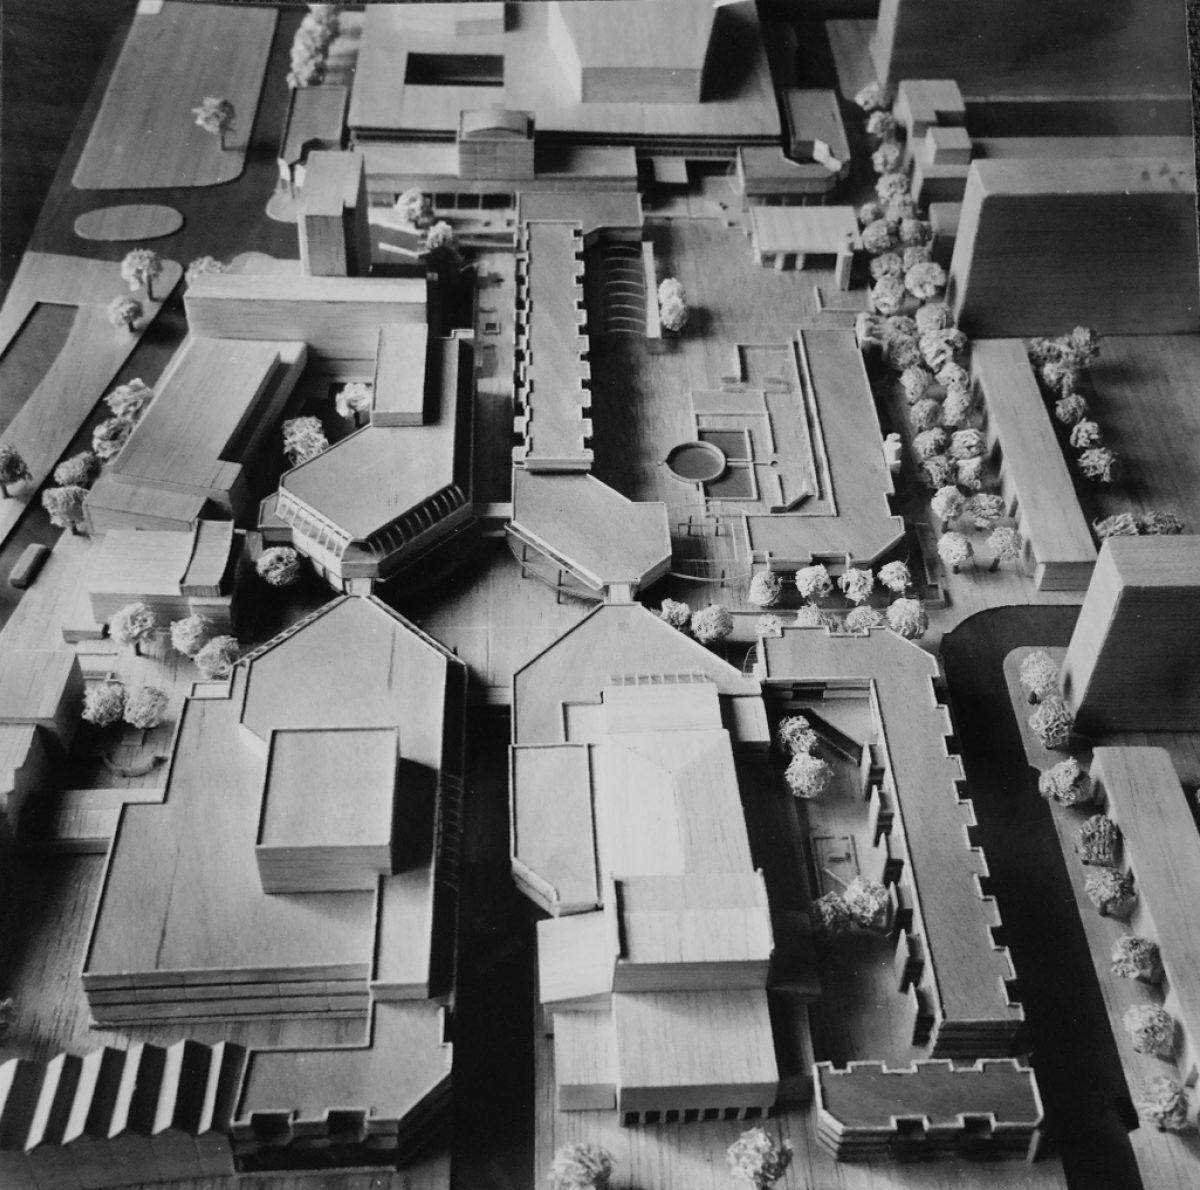 01 schouwburgplein 1977 hertz maquette